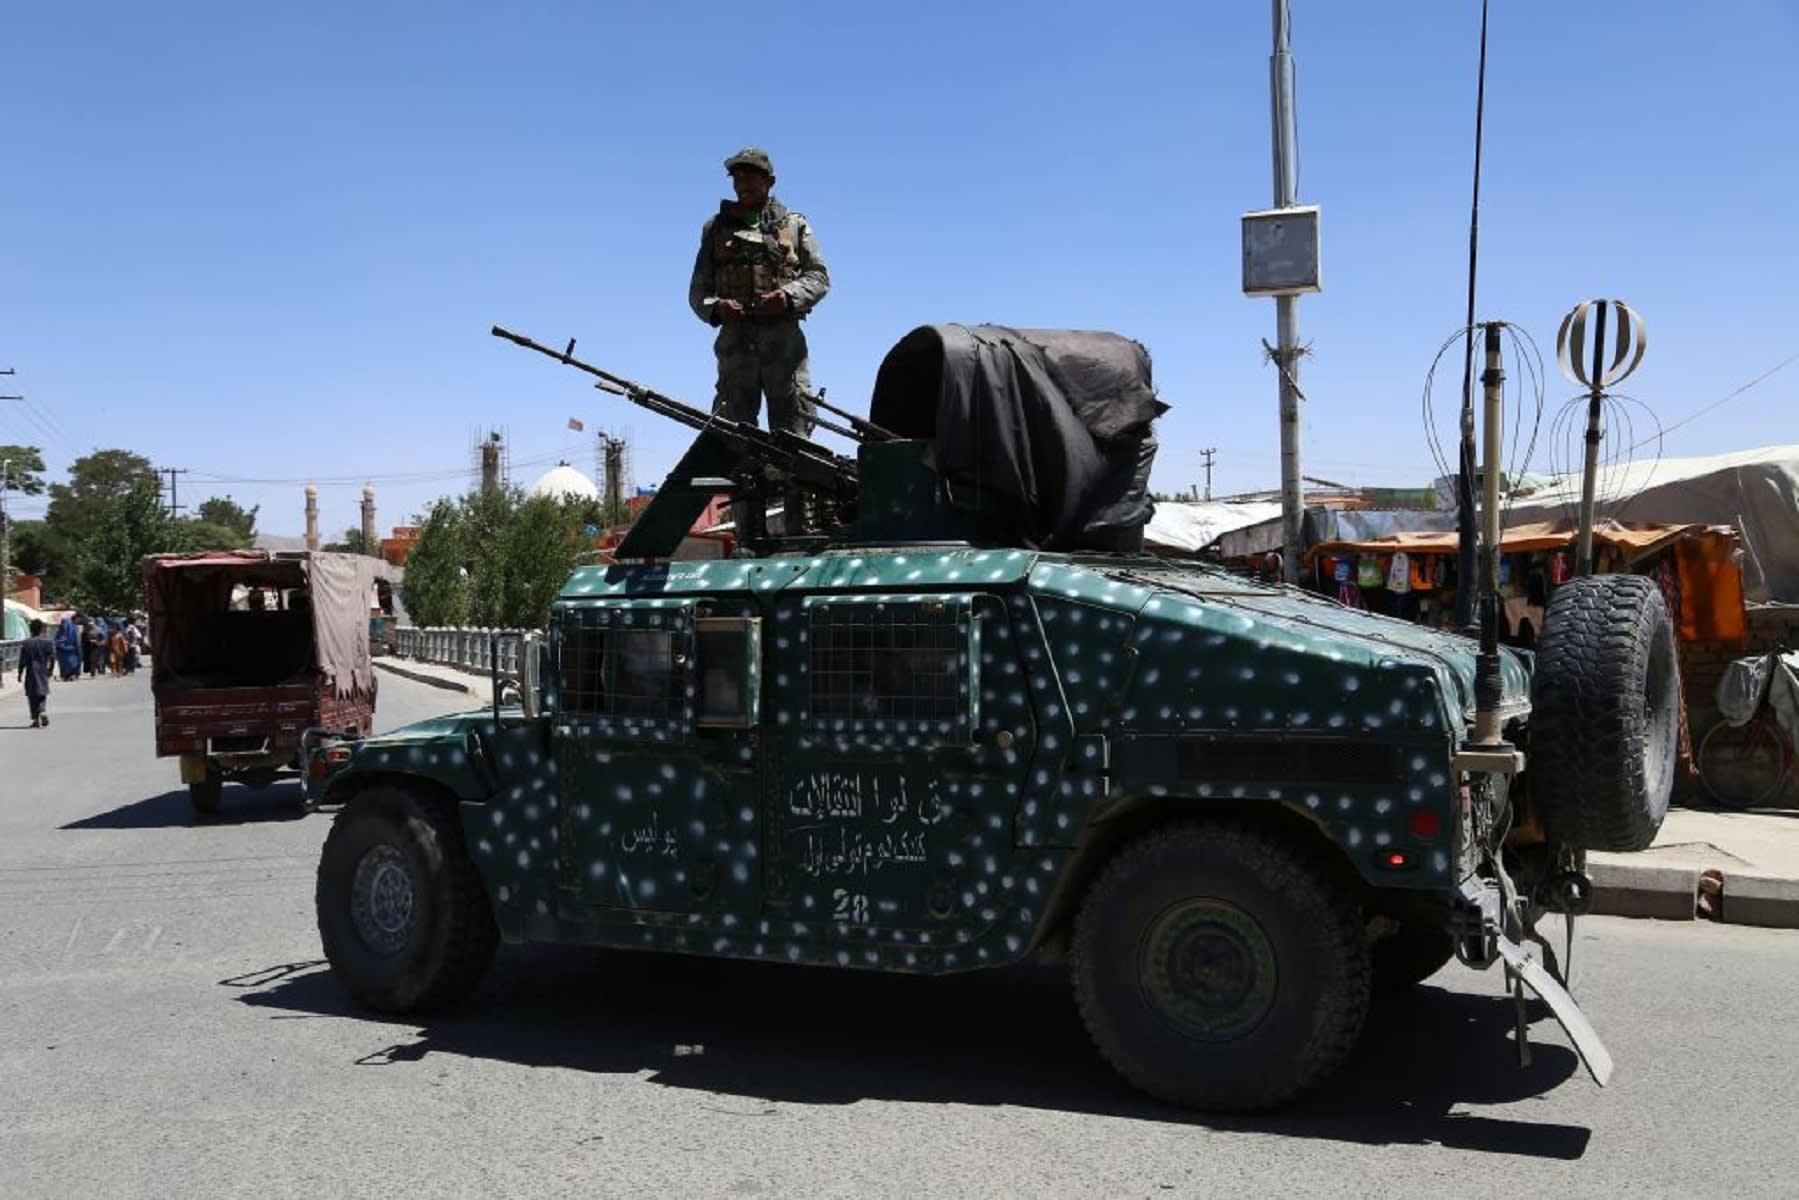 مقتل 3 عسكريين أمريكيين في انفجار عبوة ناسفة بأفغانستان